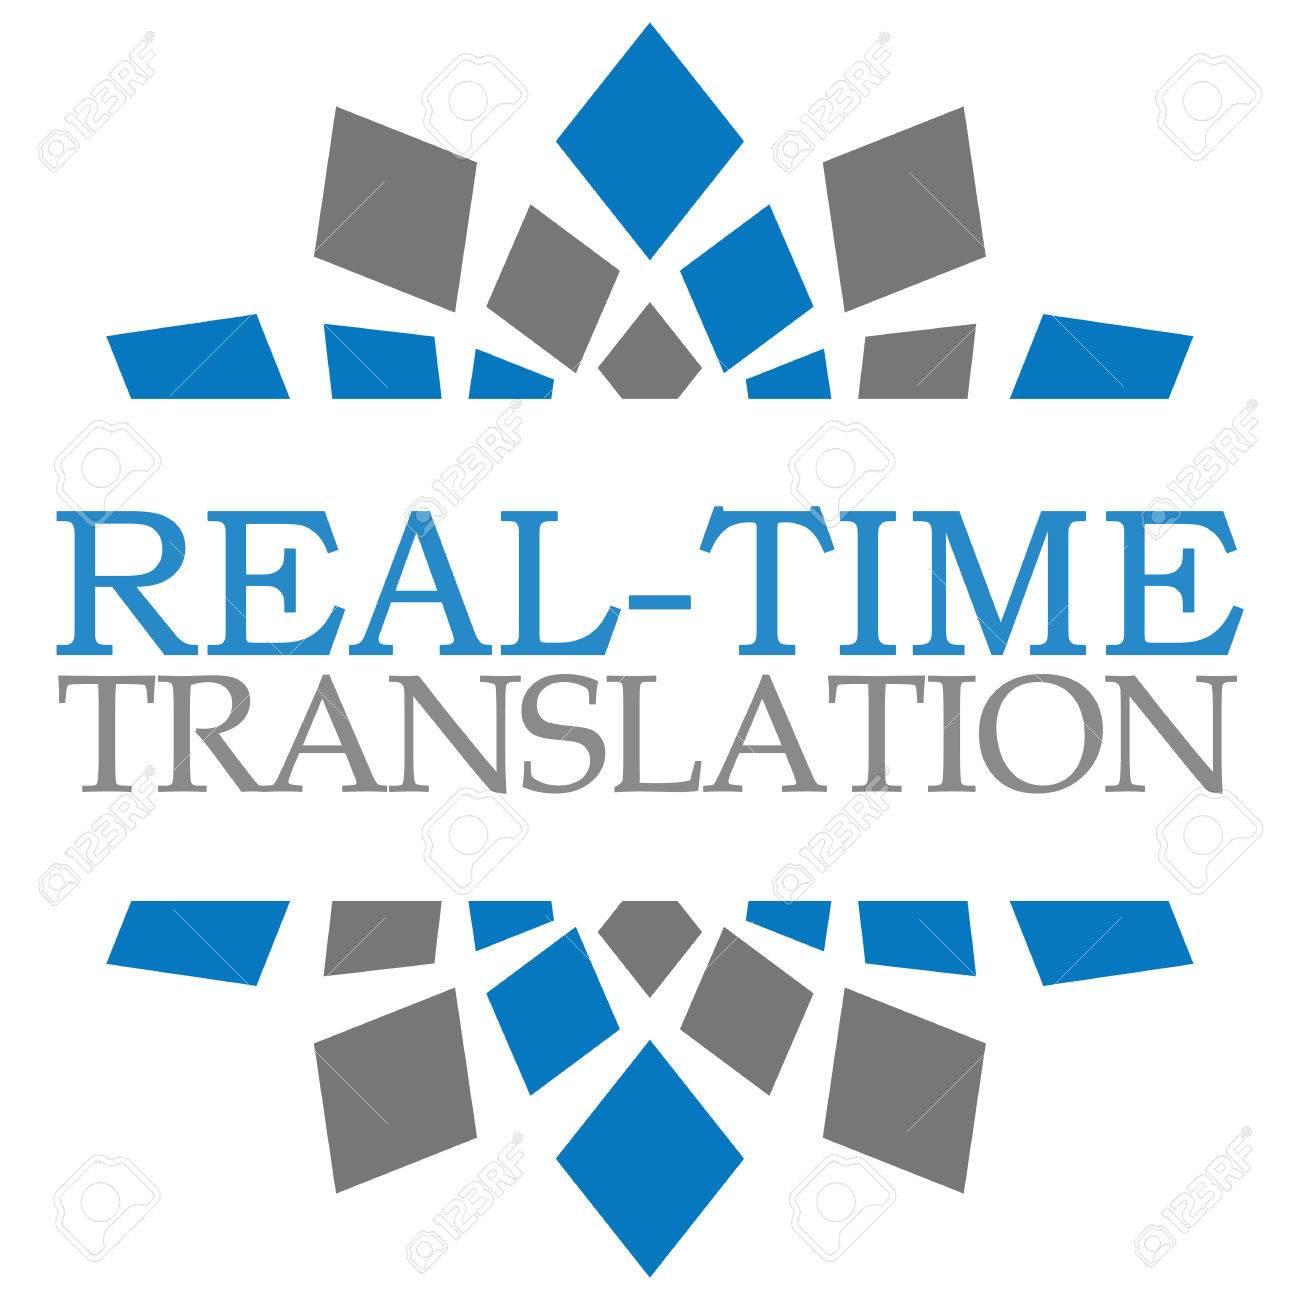 Real Time Traduction Bleu Gris Elements Carre Banque D Images Et